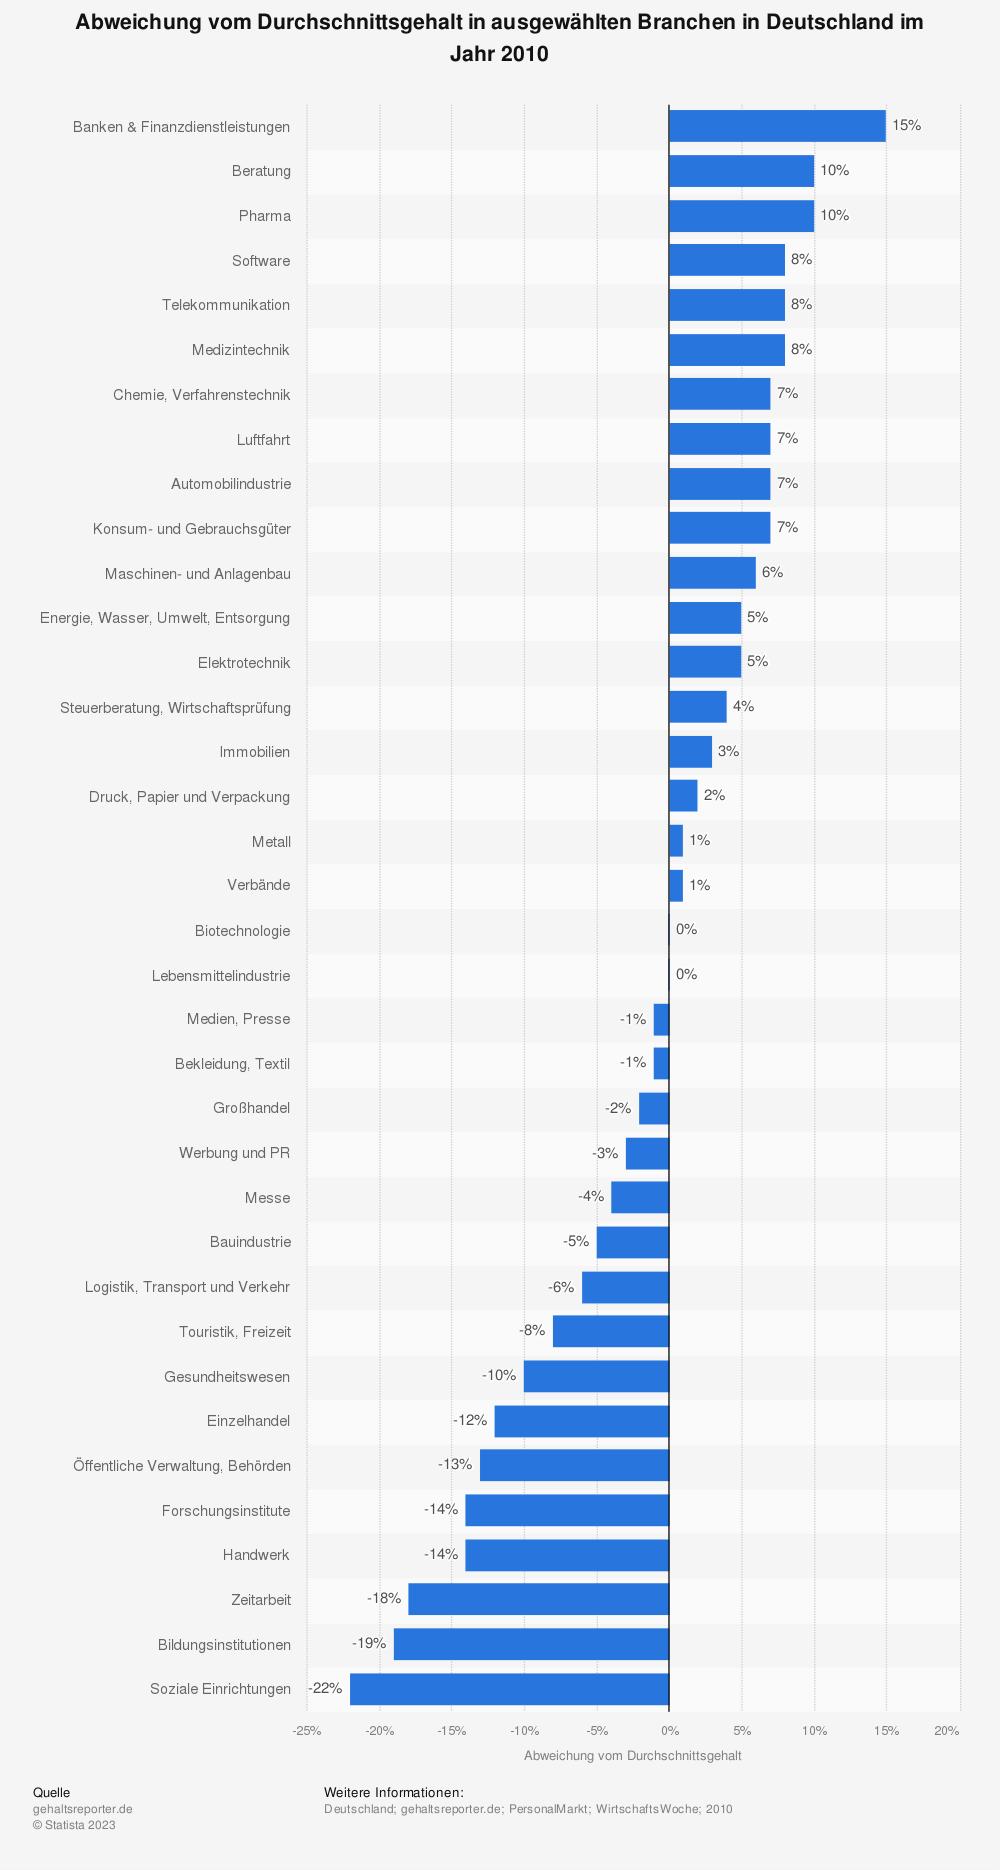 Statistik: Abweichung vom Durchschnittsgehalt in ausgewählten Branchen in Deutschland im Jahr 2010 | Statista